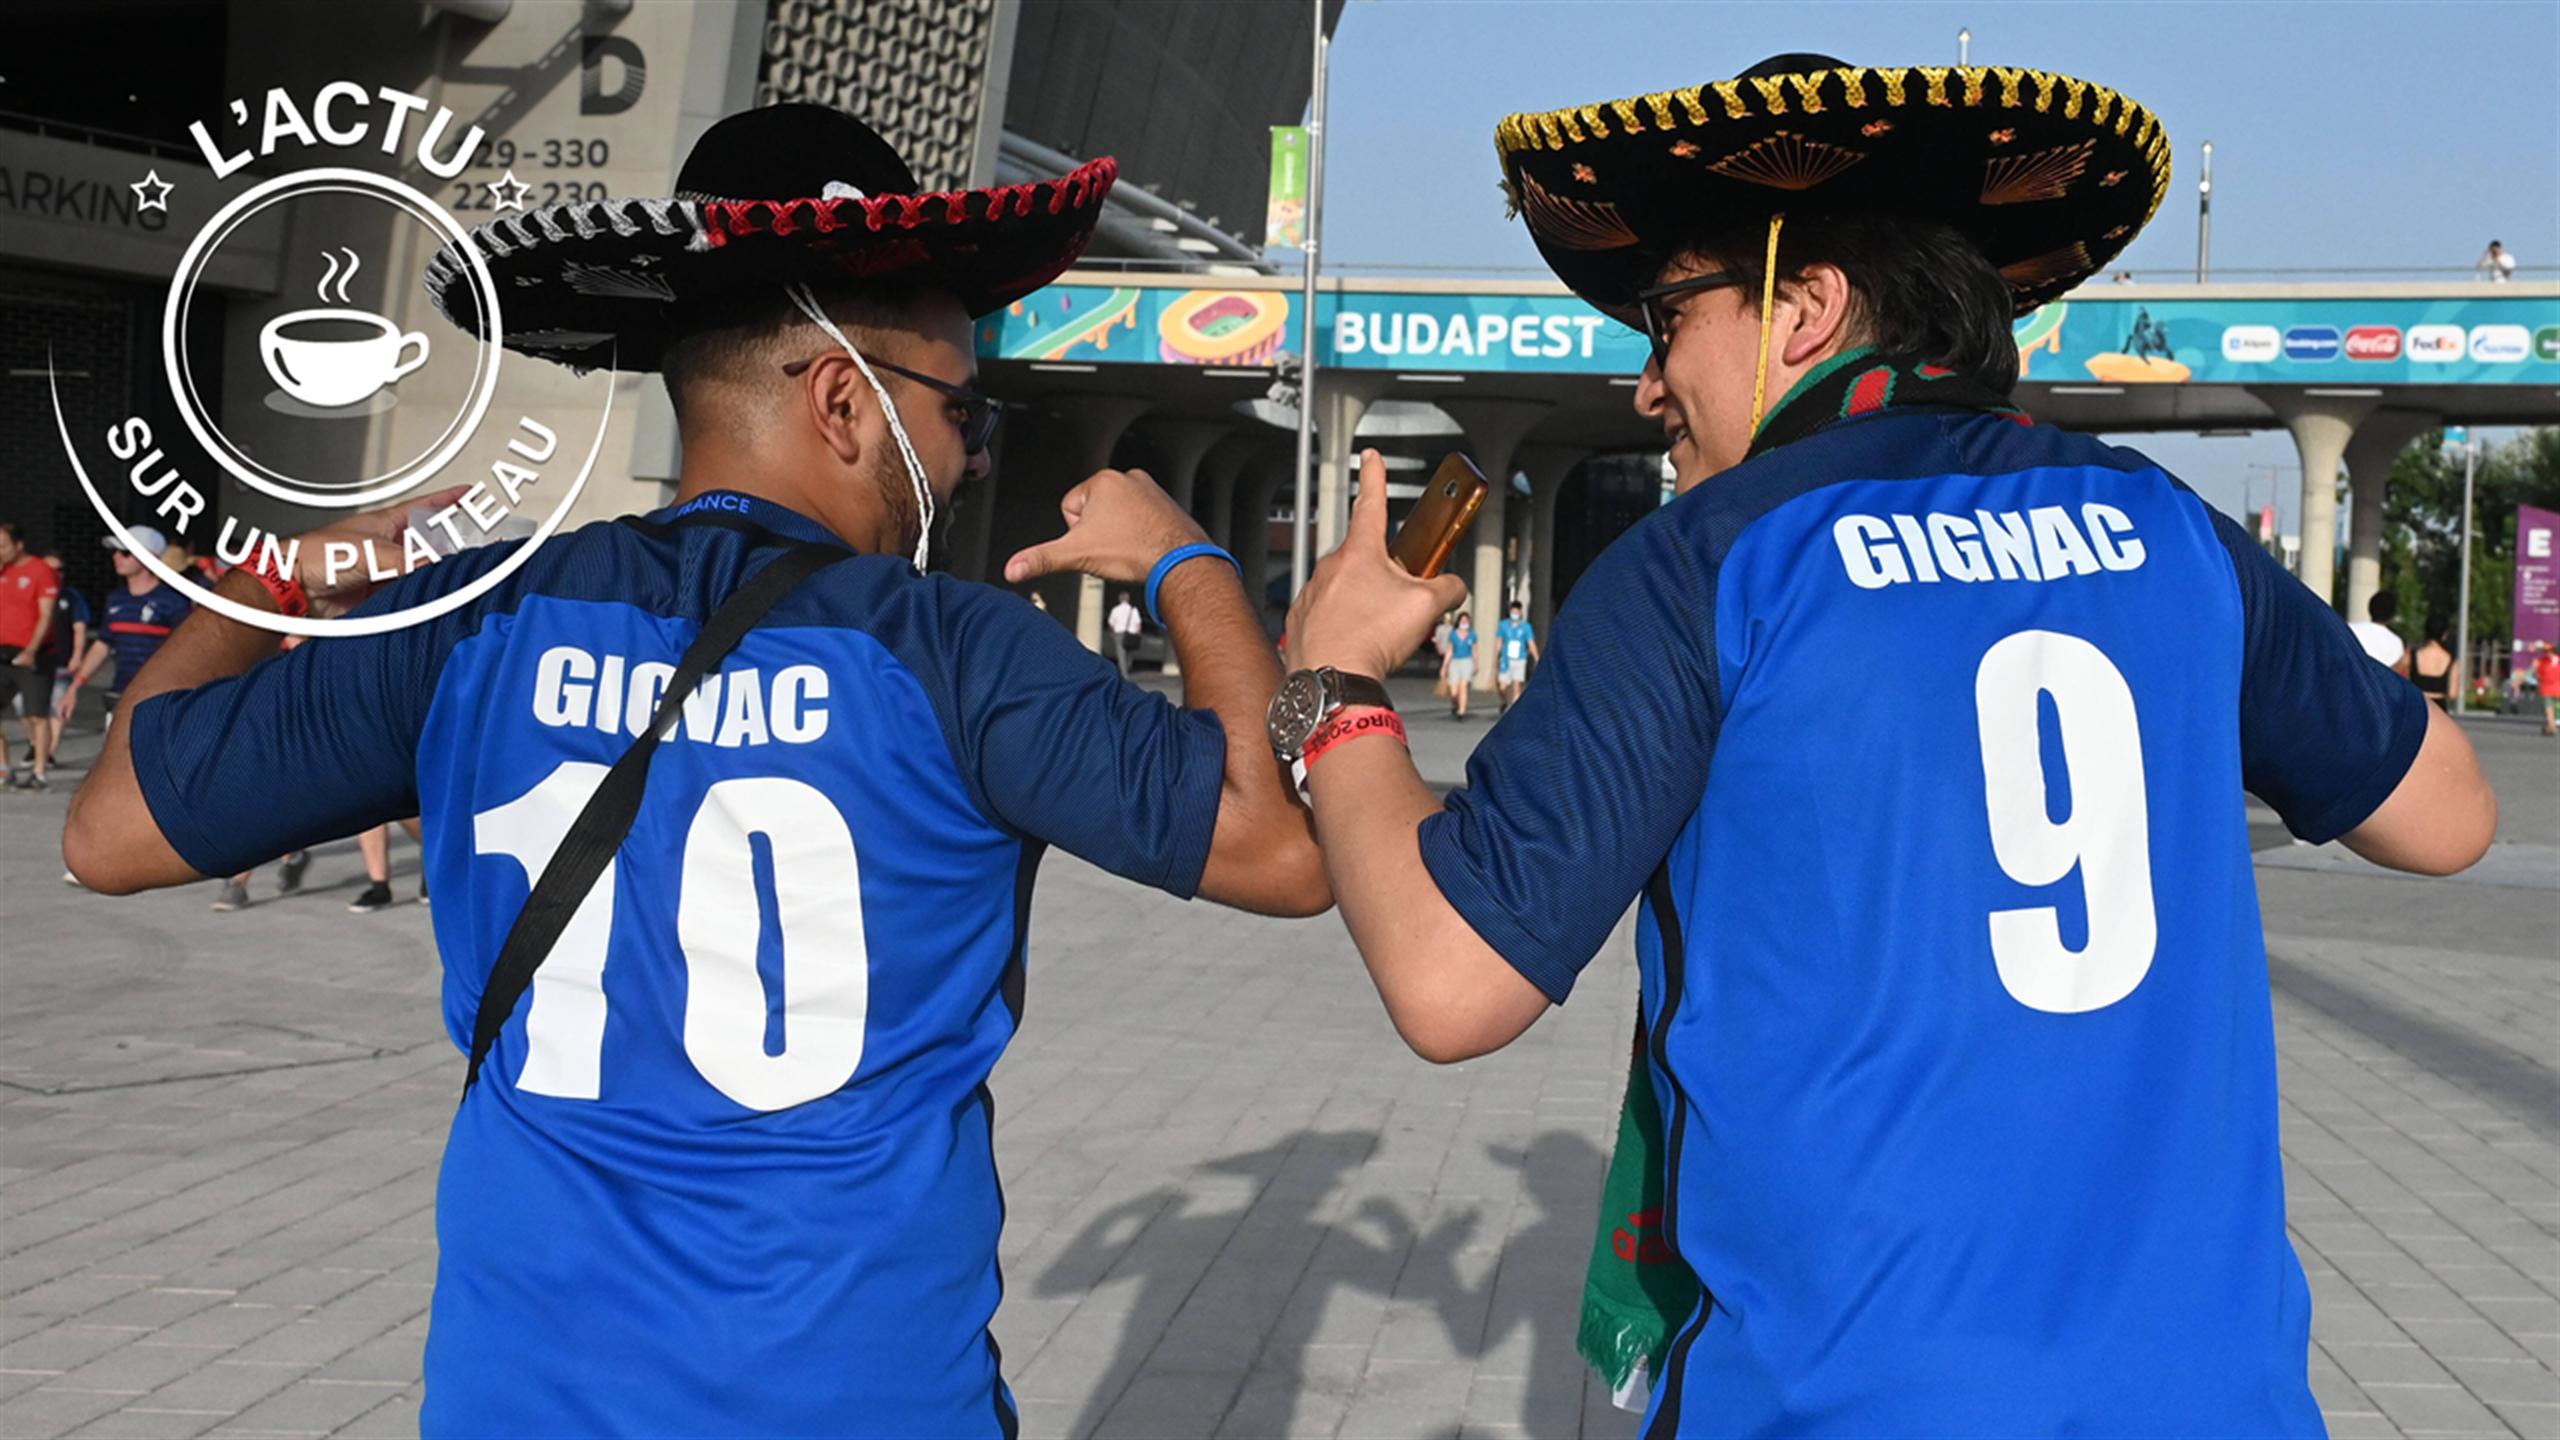 France-Mexique, Hazard, sketch douteux, Ali : l'actu sur un plateau